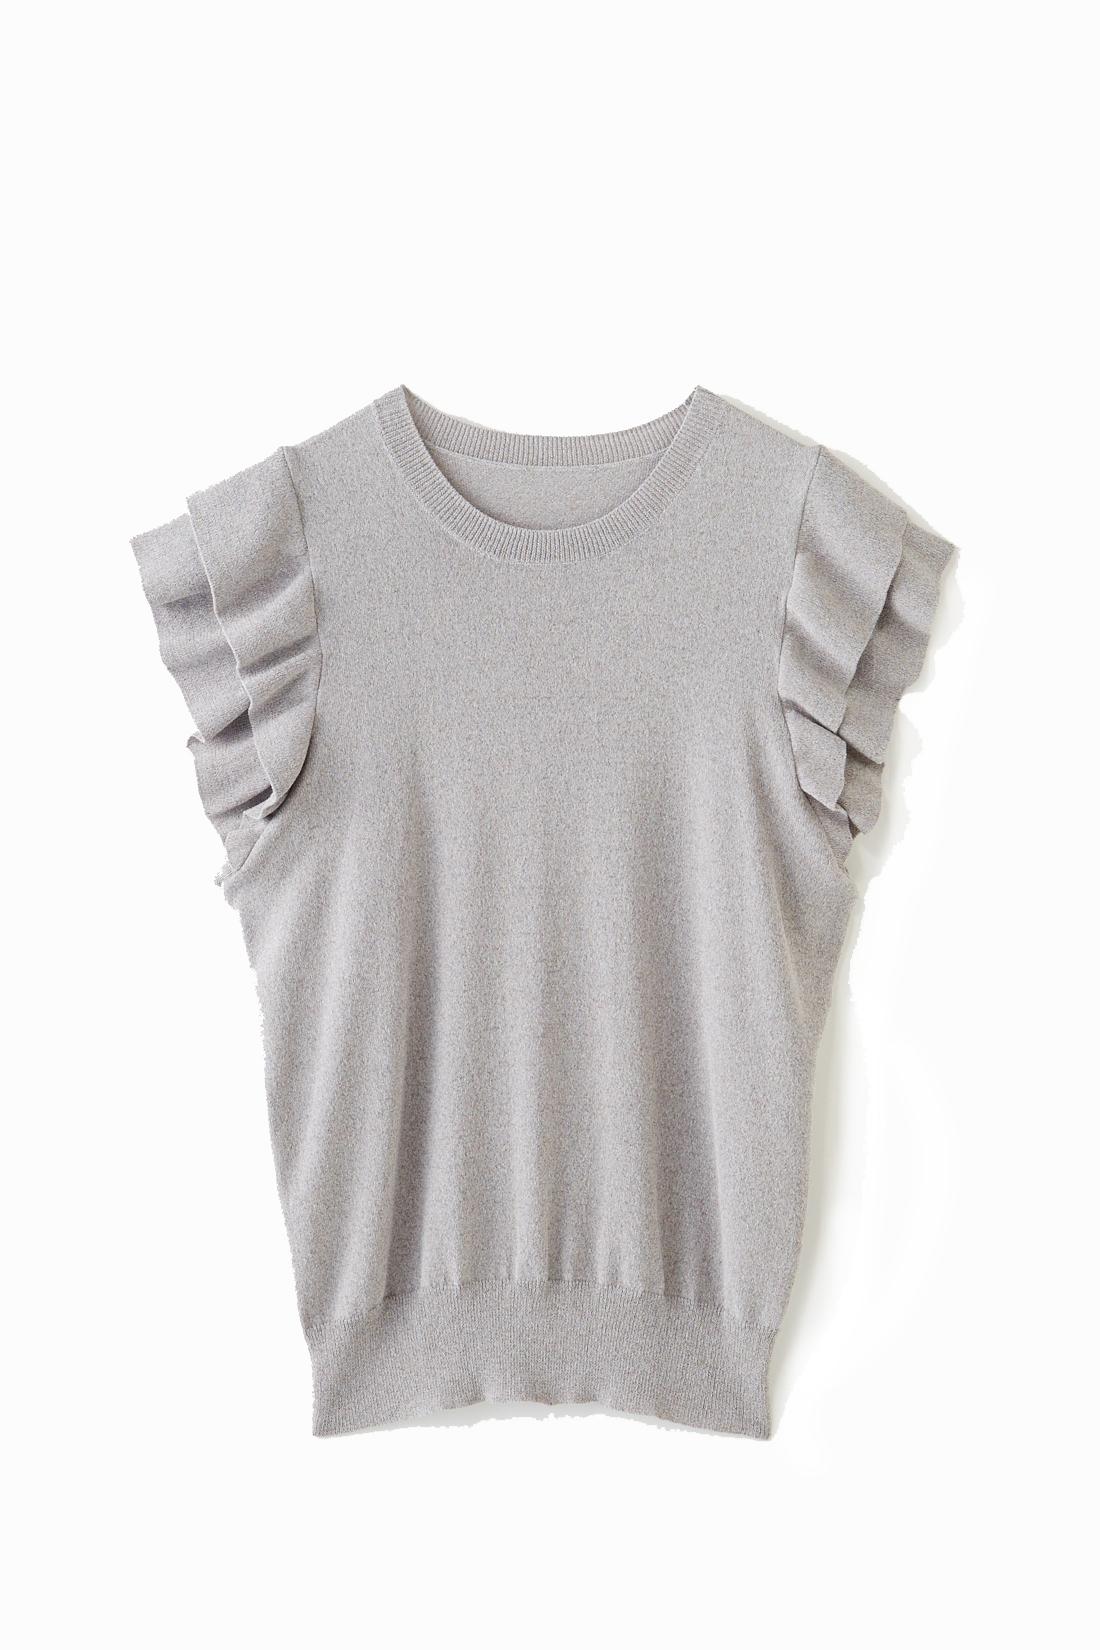 ひらりとした袖のデザインが◎。